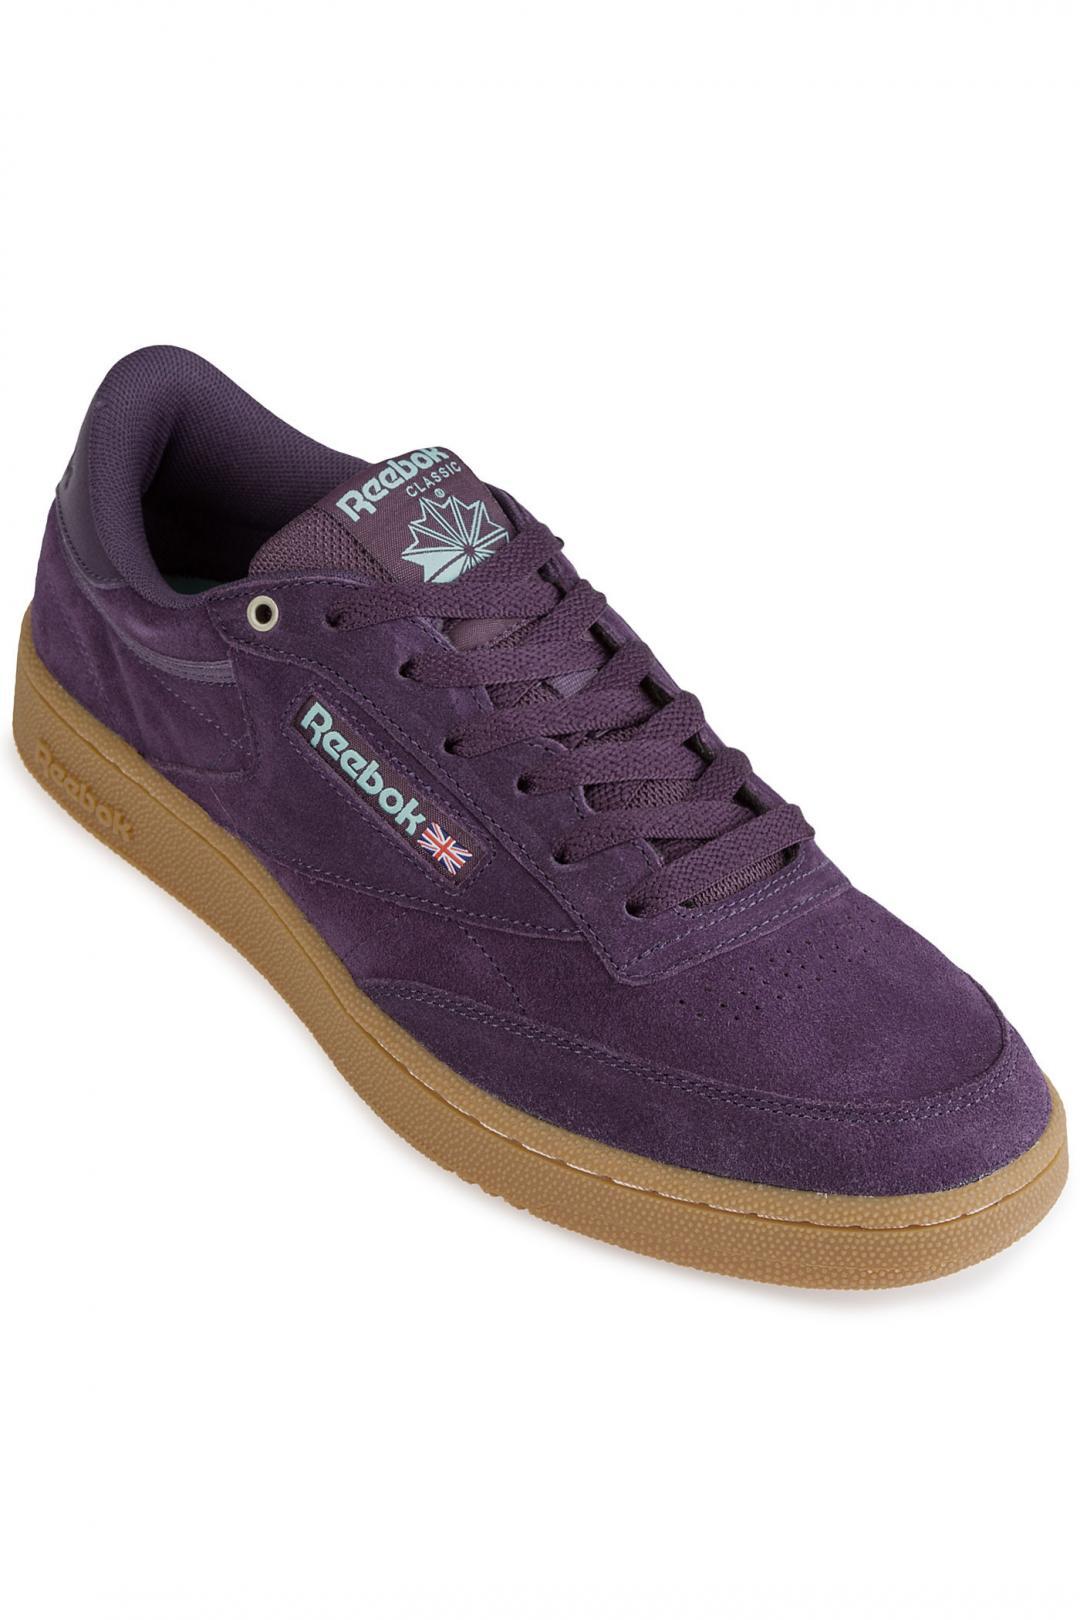 Uomo Reebok Club C 85 MU deep purple malachi | Sneakers low top